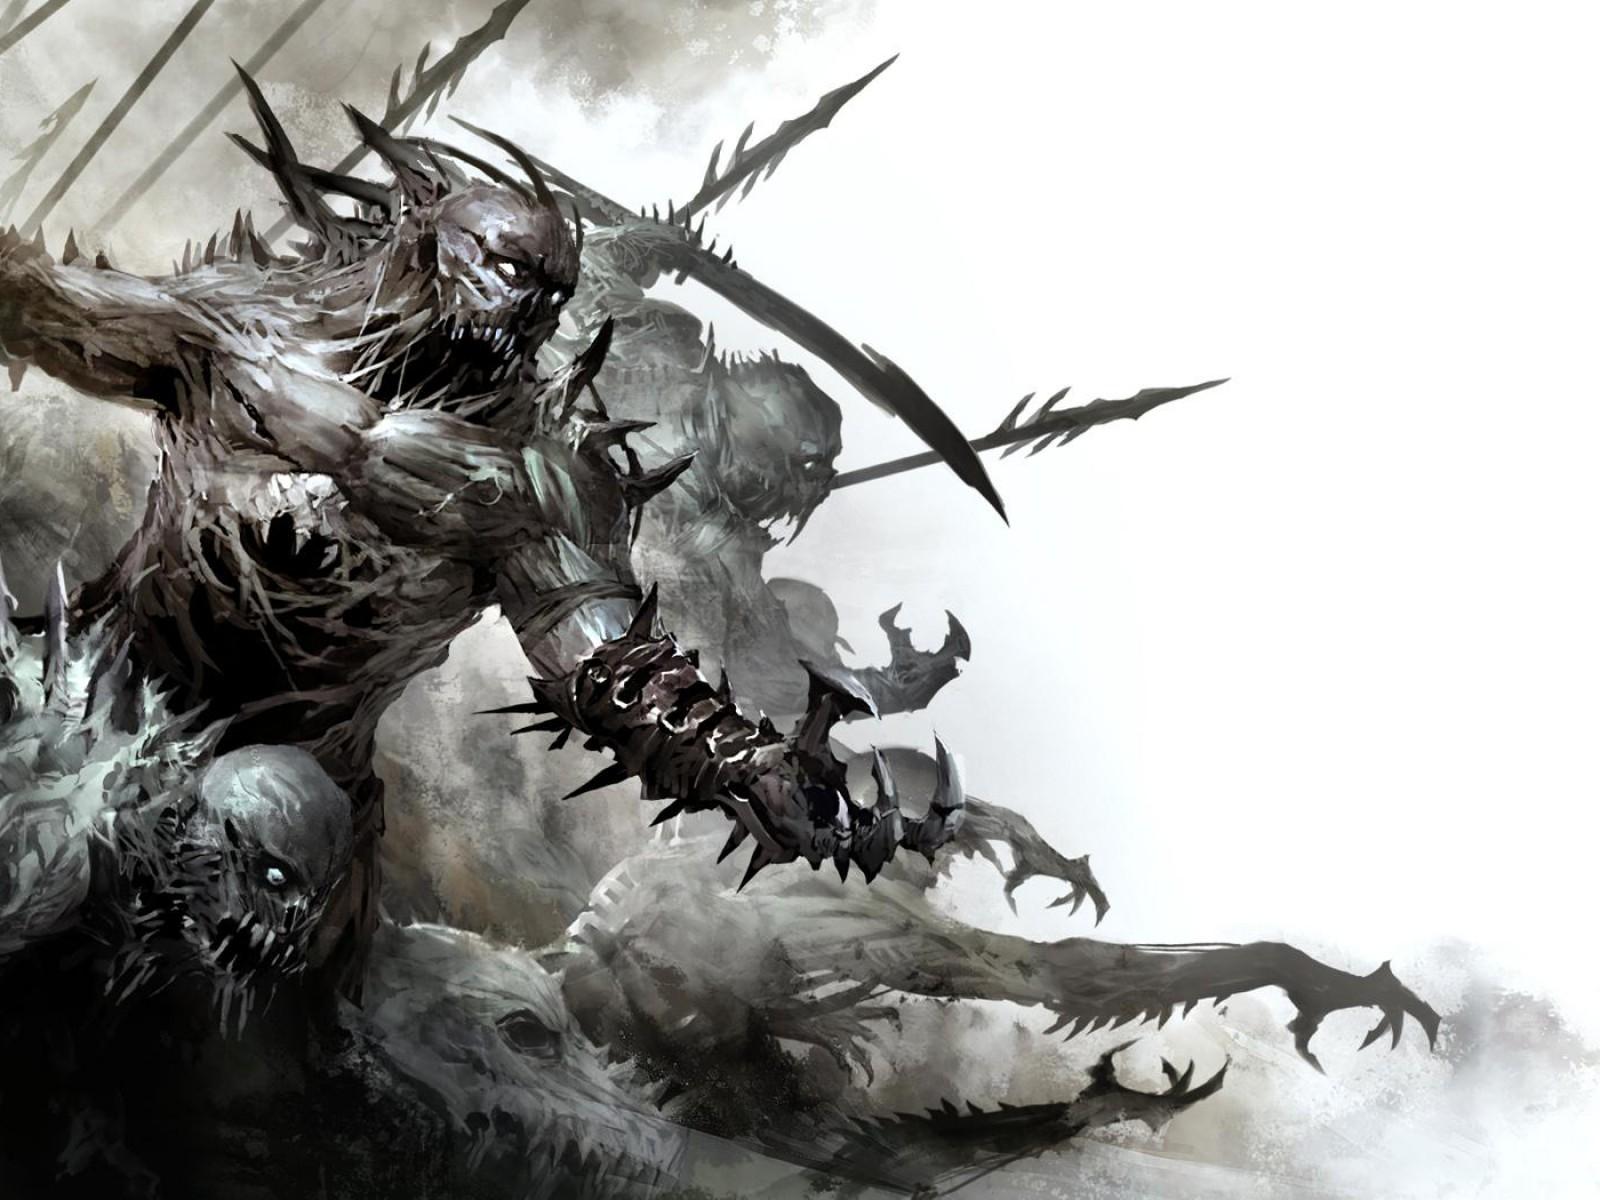 scary monster wallpaper 16974